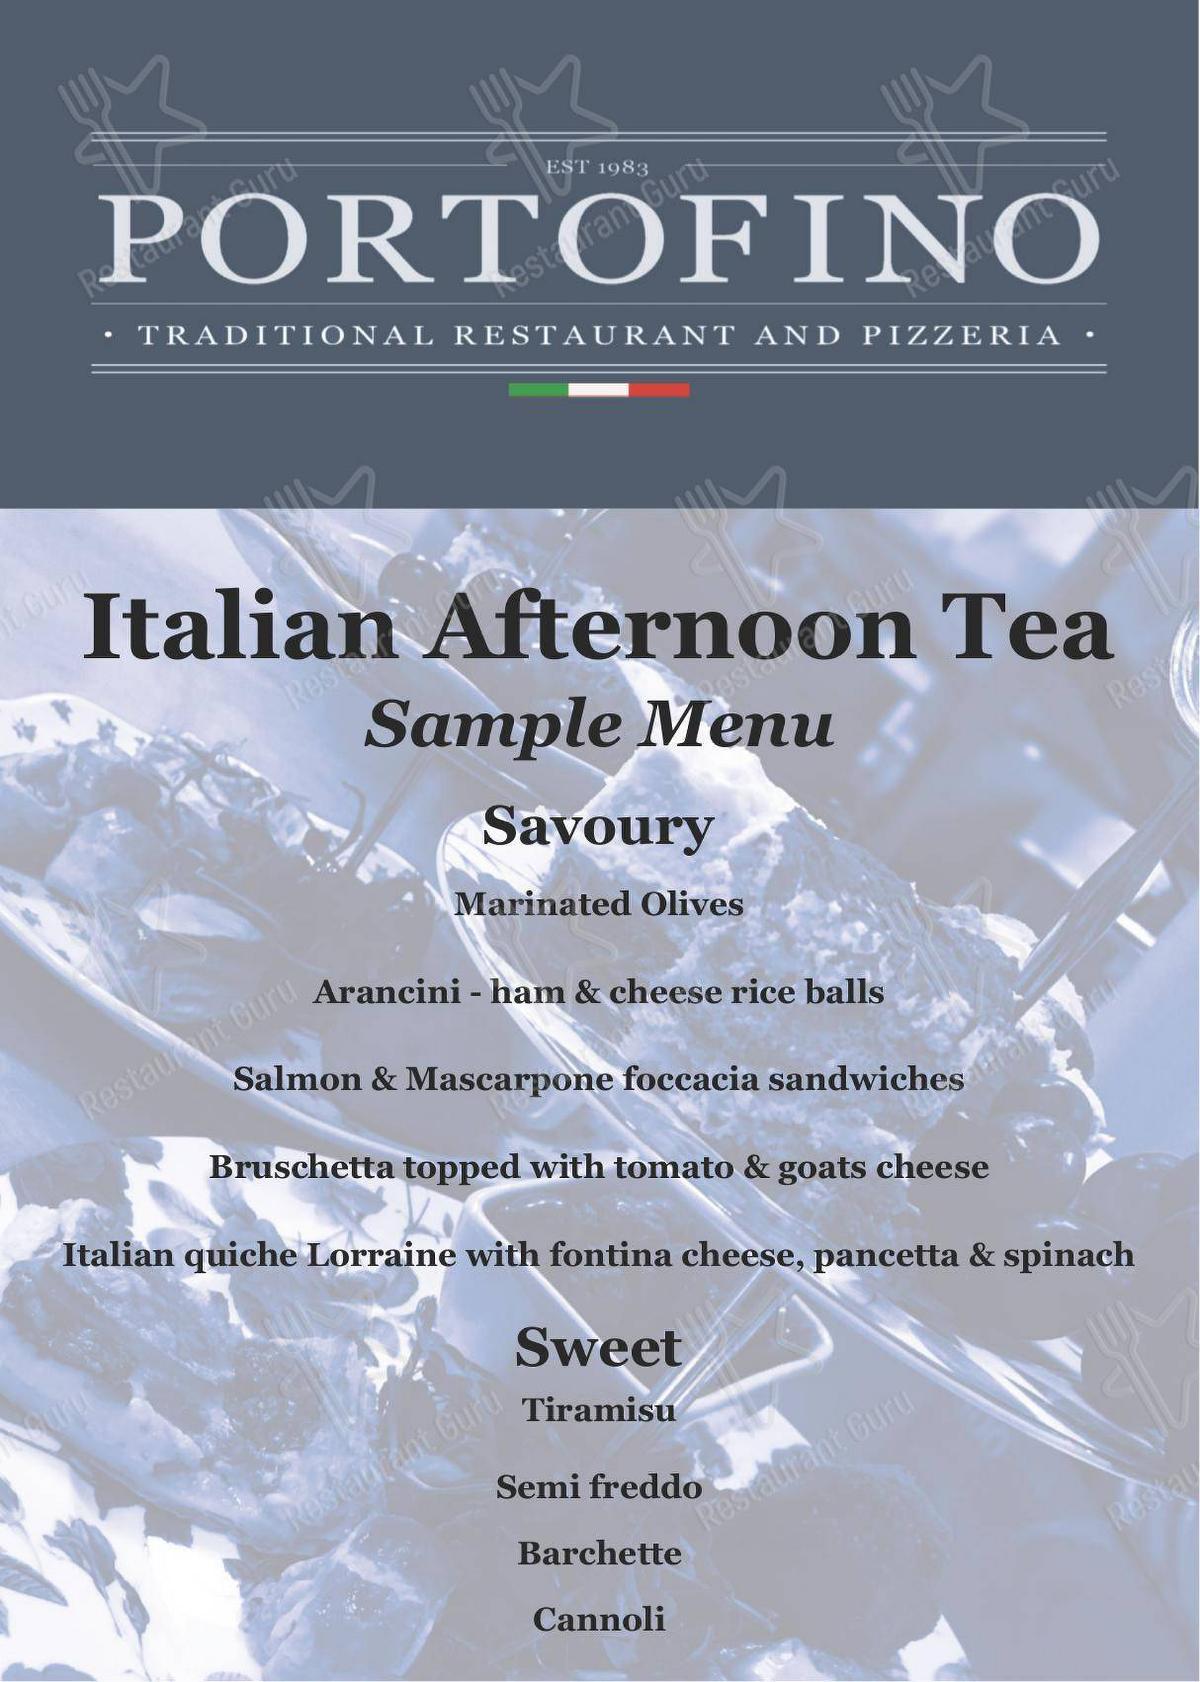 Menu for the Portofino pub & bar